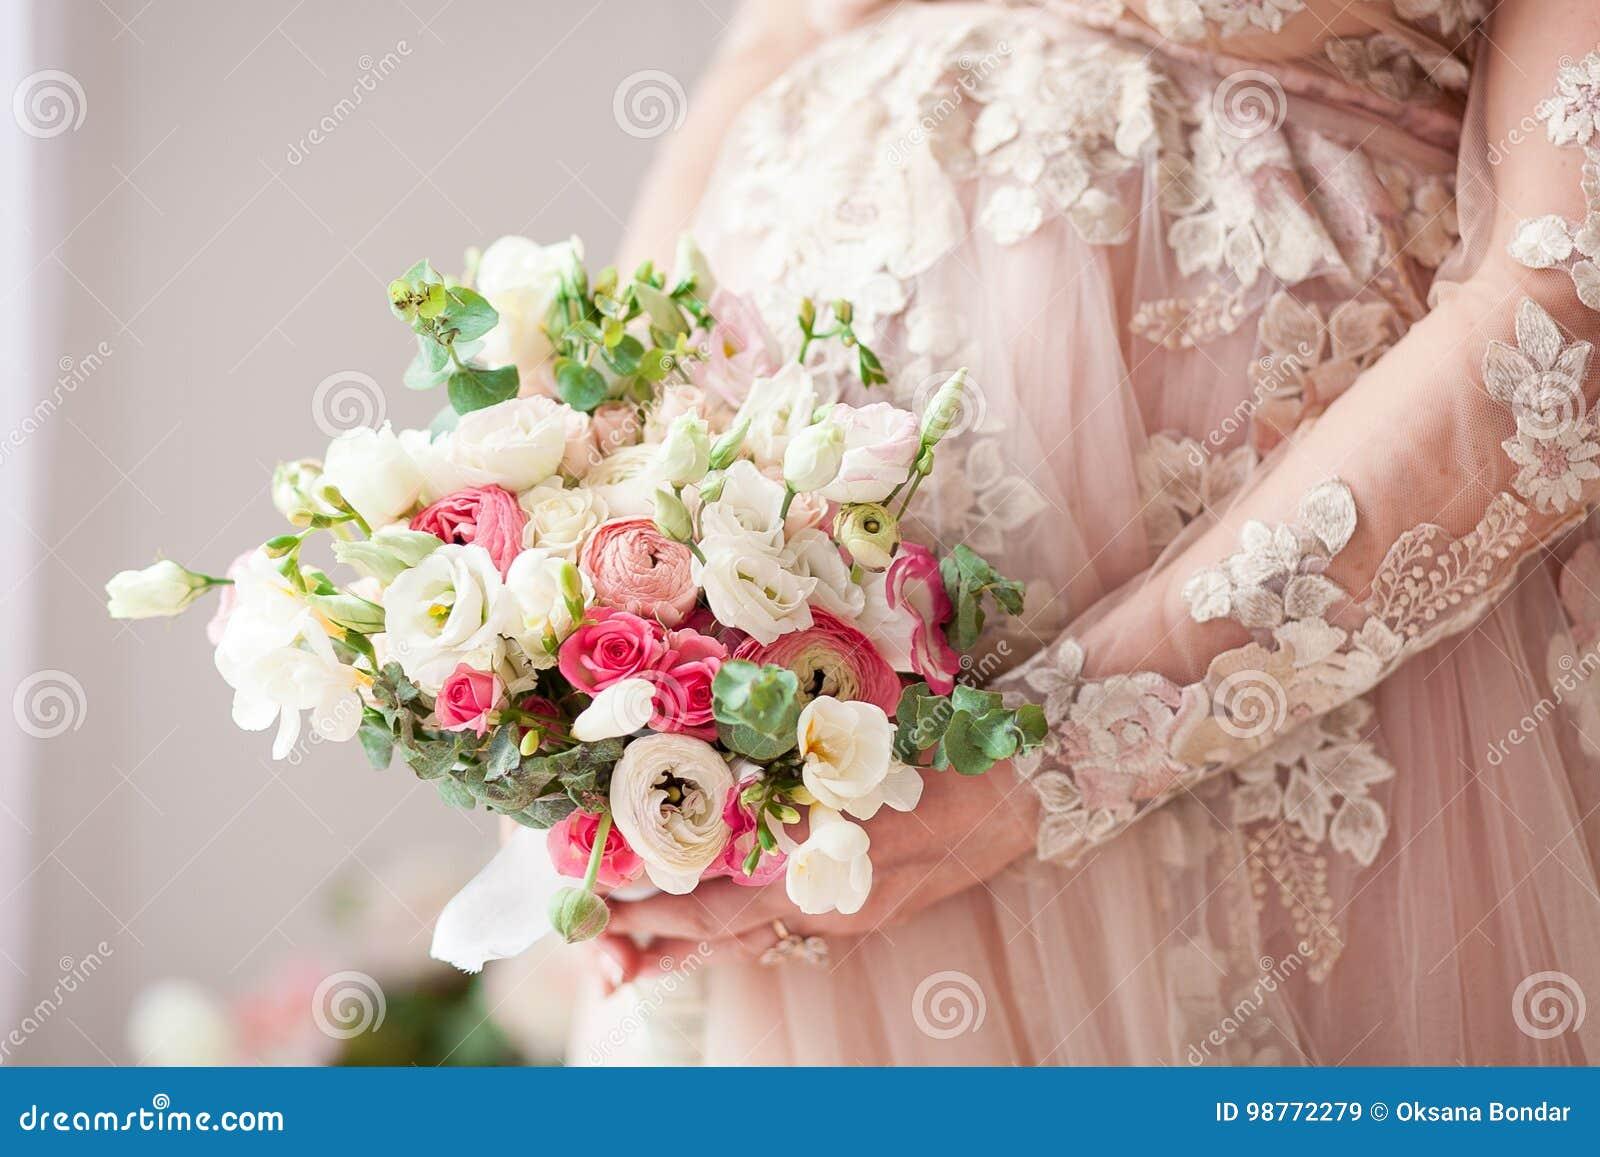 Menina grávida em um vestido bege com um ramalhete nas mãos naughty Esperando um milagre